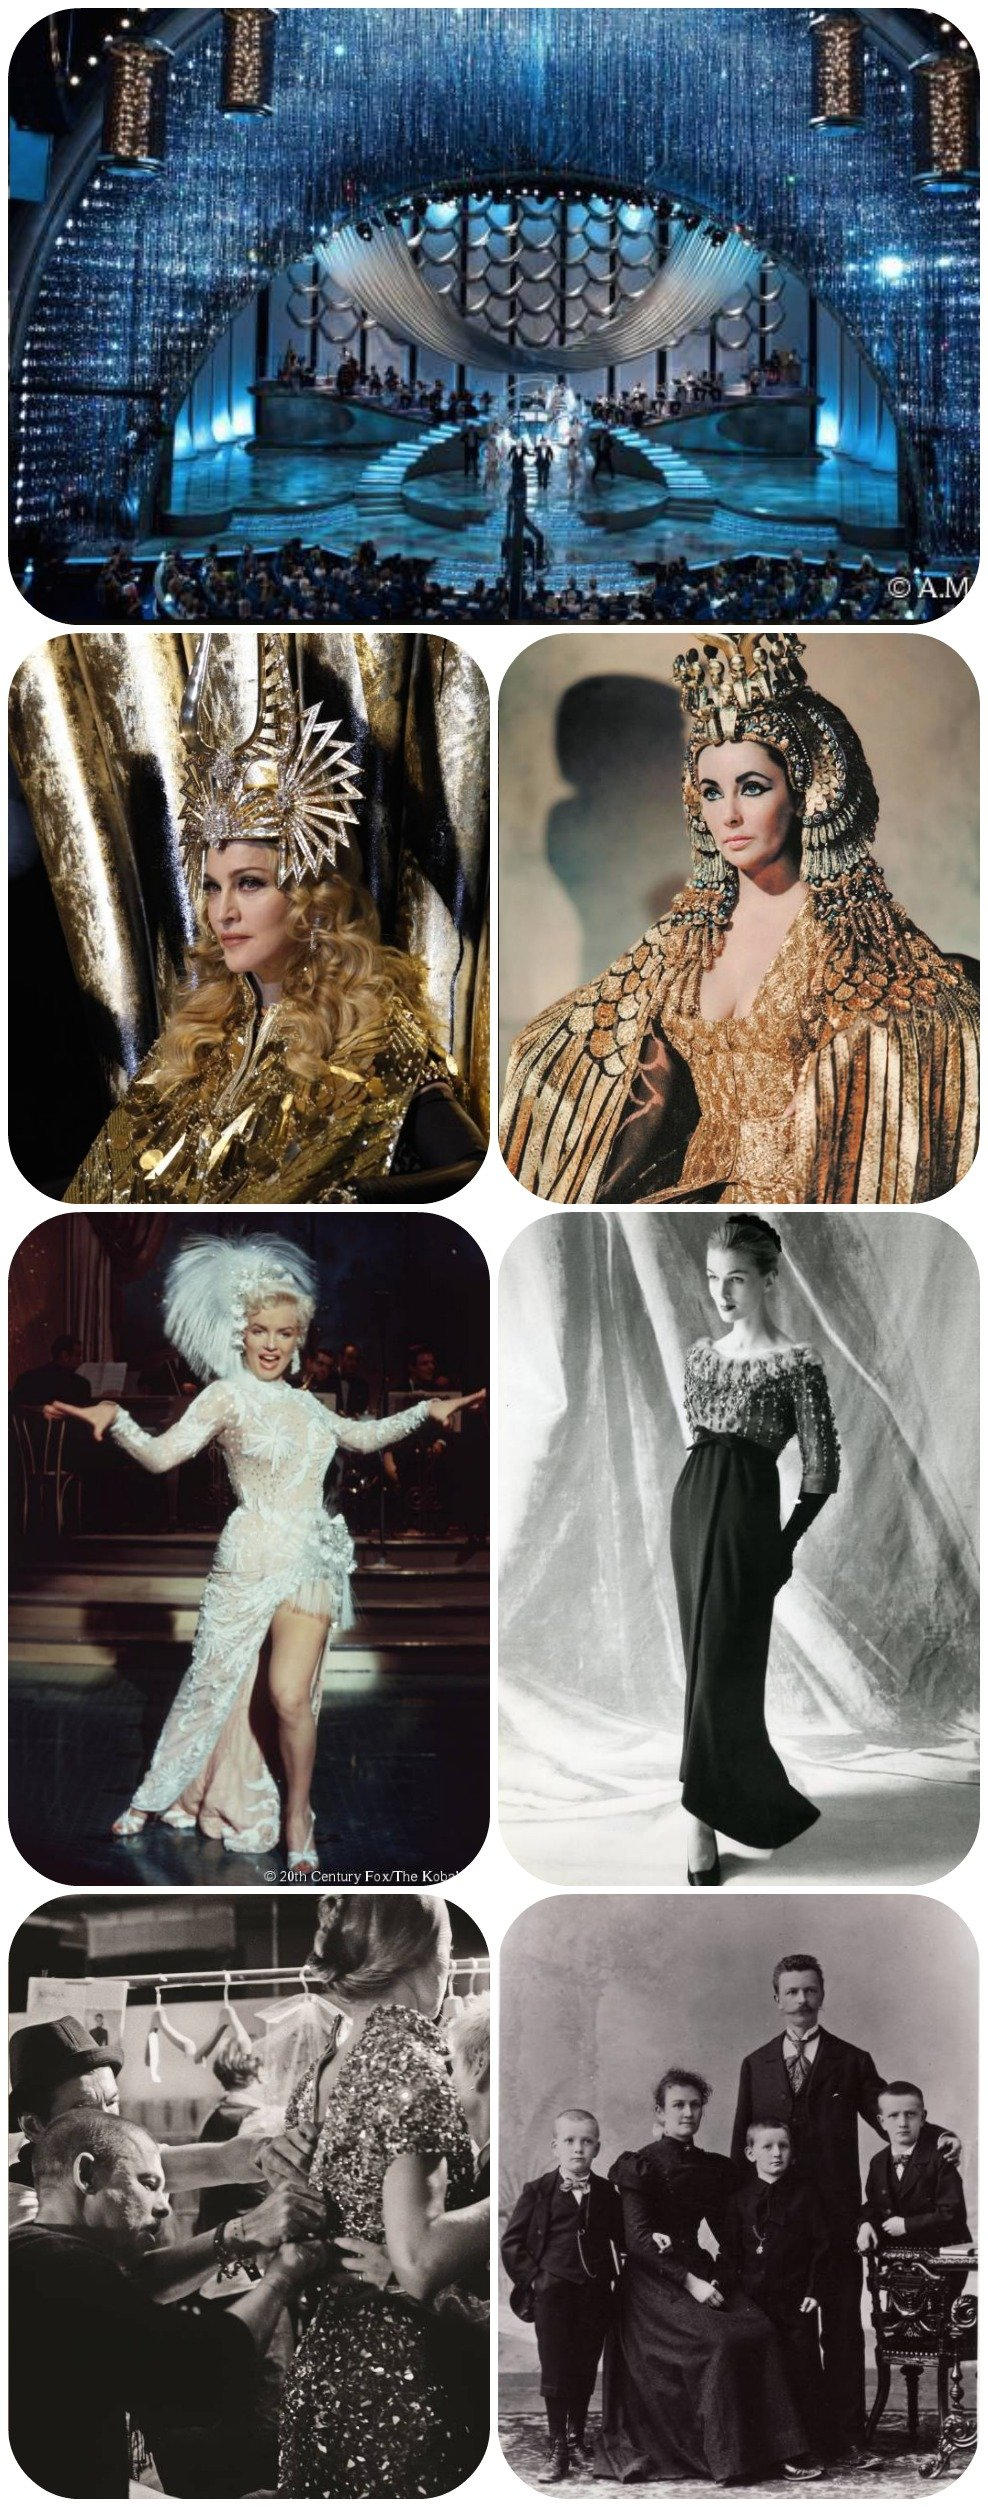 """No sentido horário: A cortina do Oscar 2010, com mais de 100.000 cristais, desenhado por David Rockwell; Elizabeth Taylor de Cleópatra, em 1963; Cristóbal Balenciaga Haute Couture, no outono 1958; Daniel Swarovski com sua família, em 1898; Alexander McQueen nos bastidores de seu desfile, noverão 2009;  Marilyn Monroe no filme """"There's No Business Like Show Business"""", em 1954; Madonna no """"Super Bowl XLVI Halftime Show"""" vestindo Givenchy Haute Couture, em 2012."""